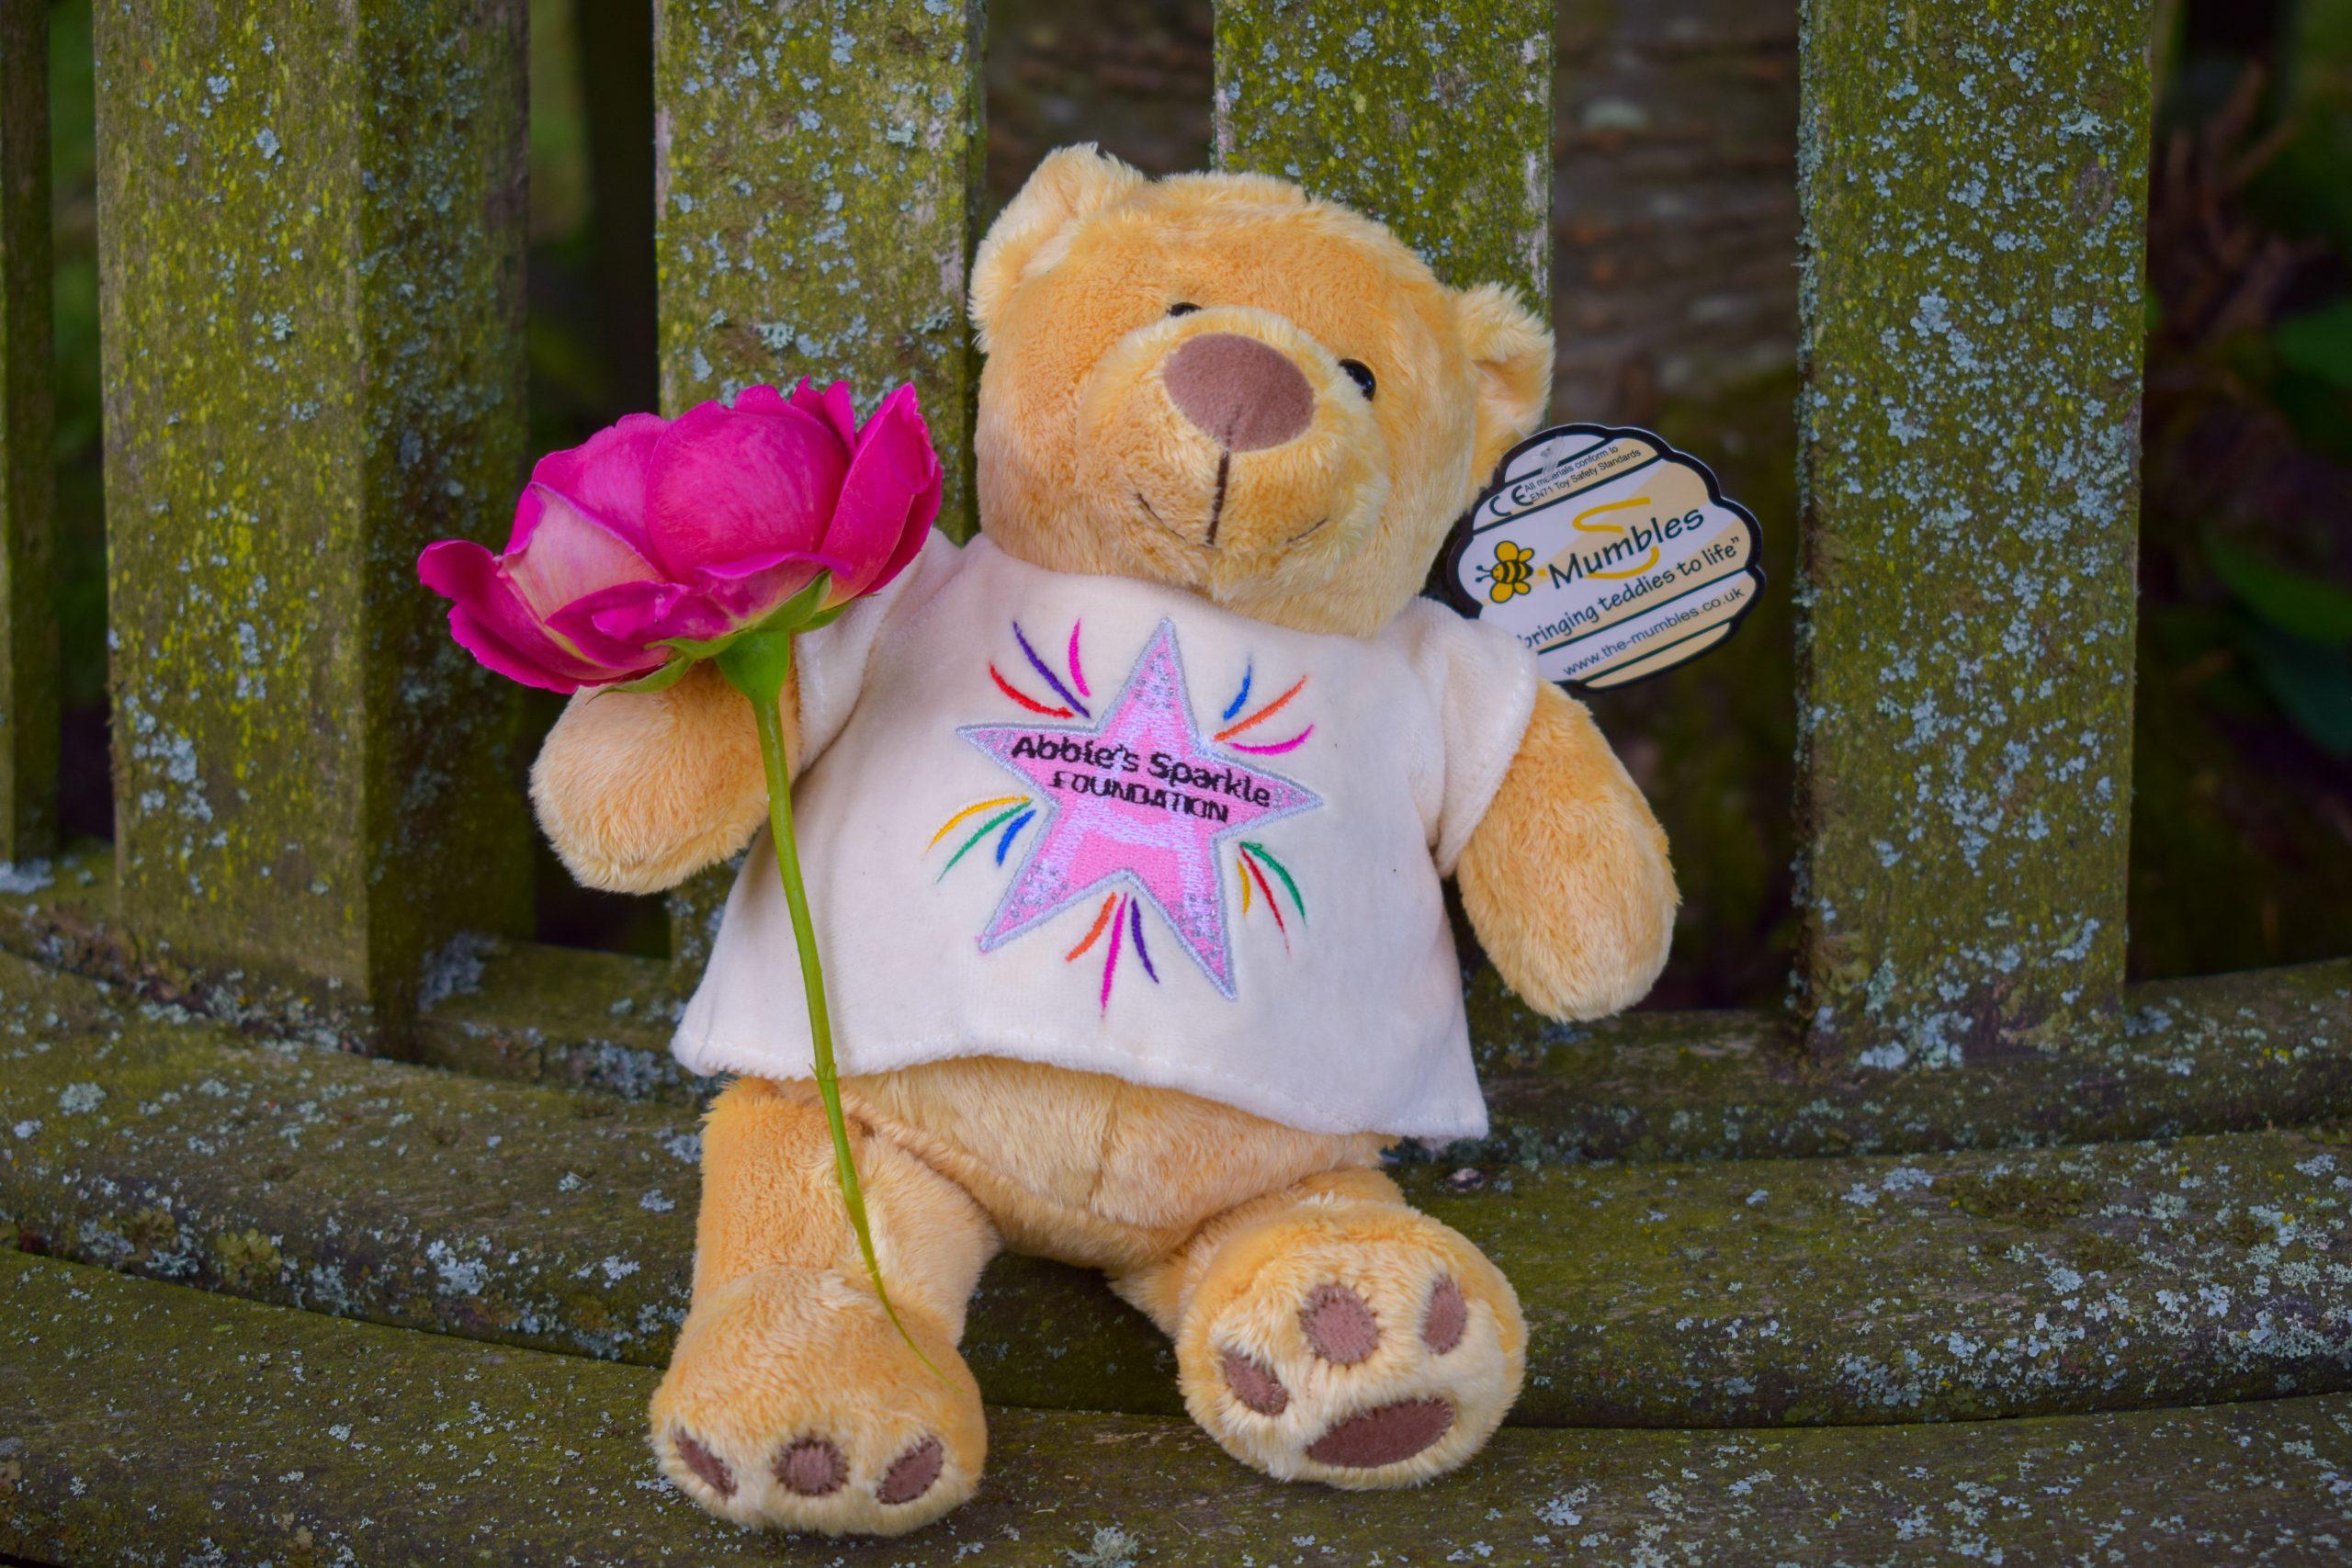 Abbies Sparkle Minnie bear